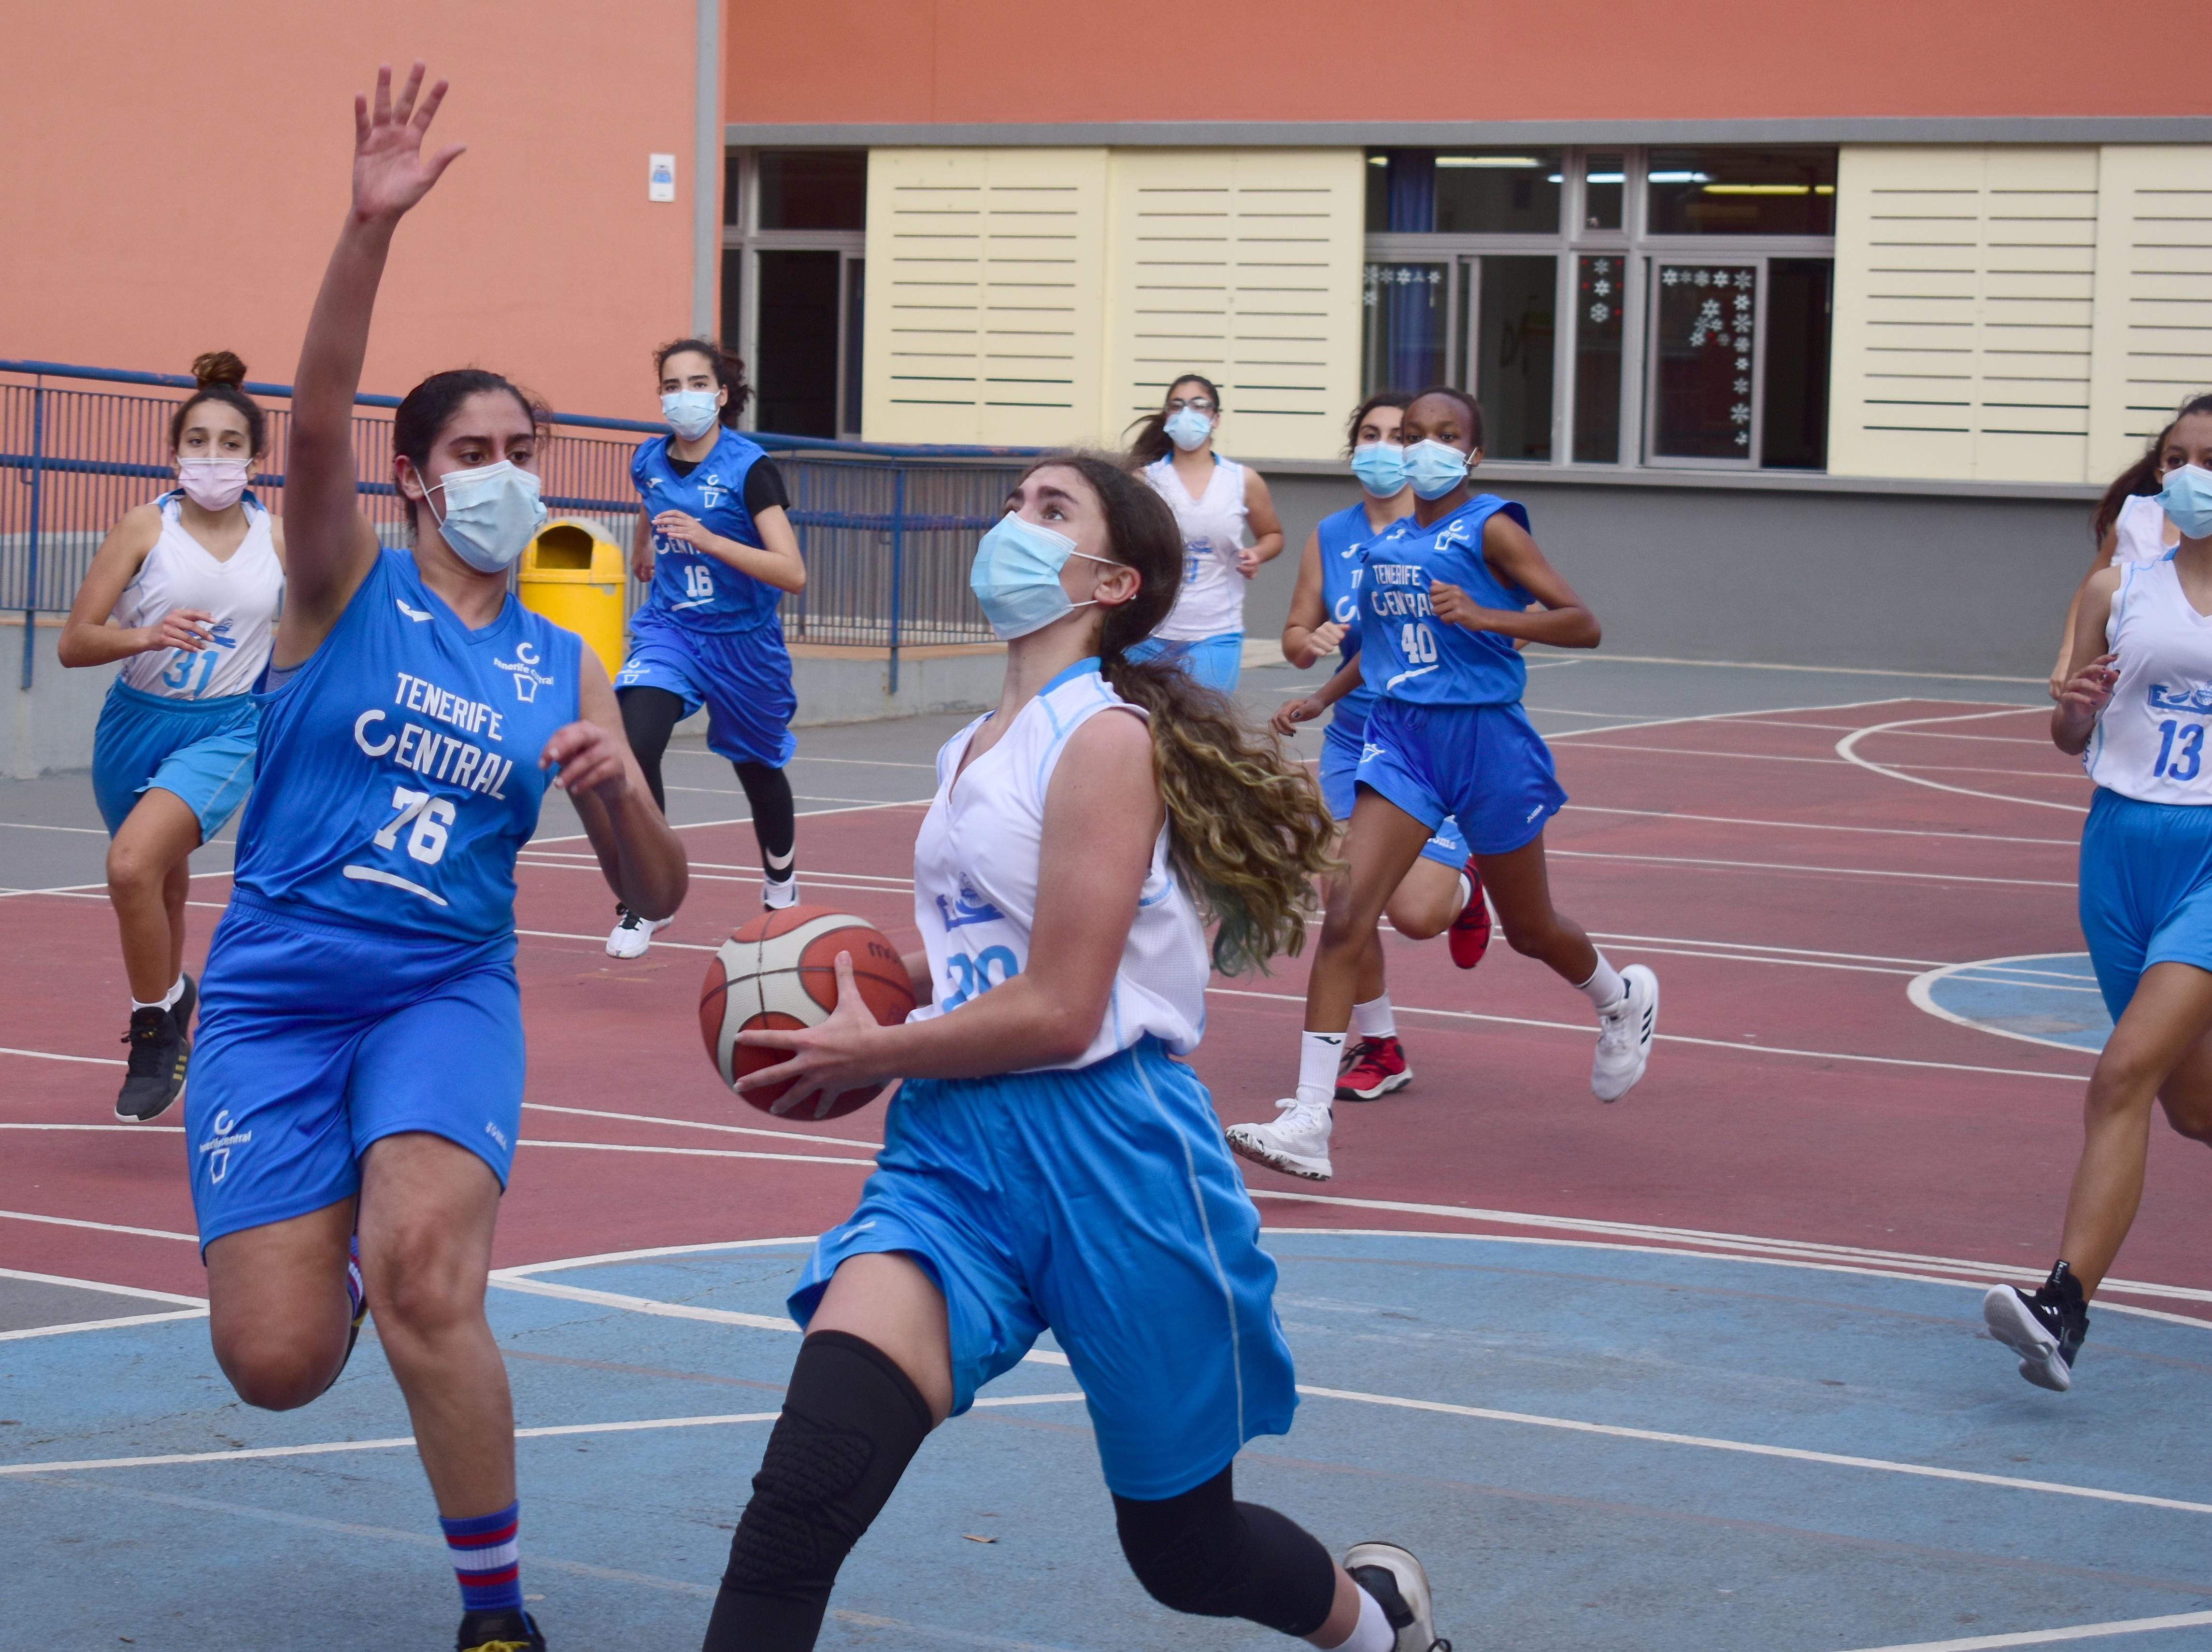 Regresó el baloncesto federado a Tenerife y lo hizo con mascarillas